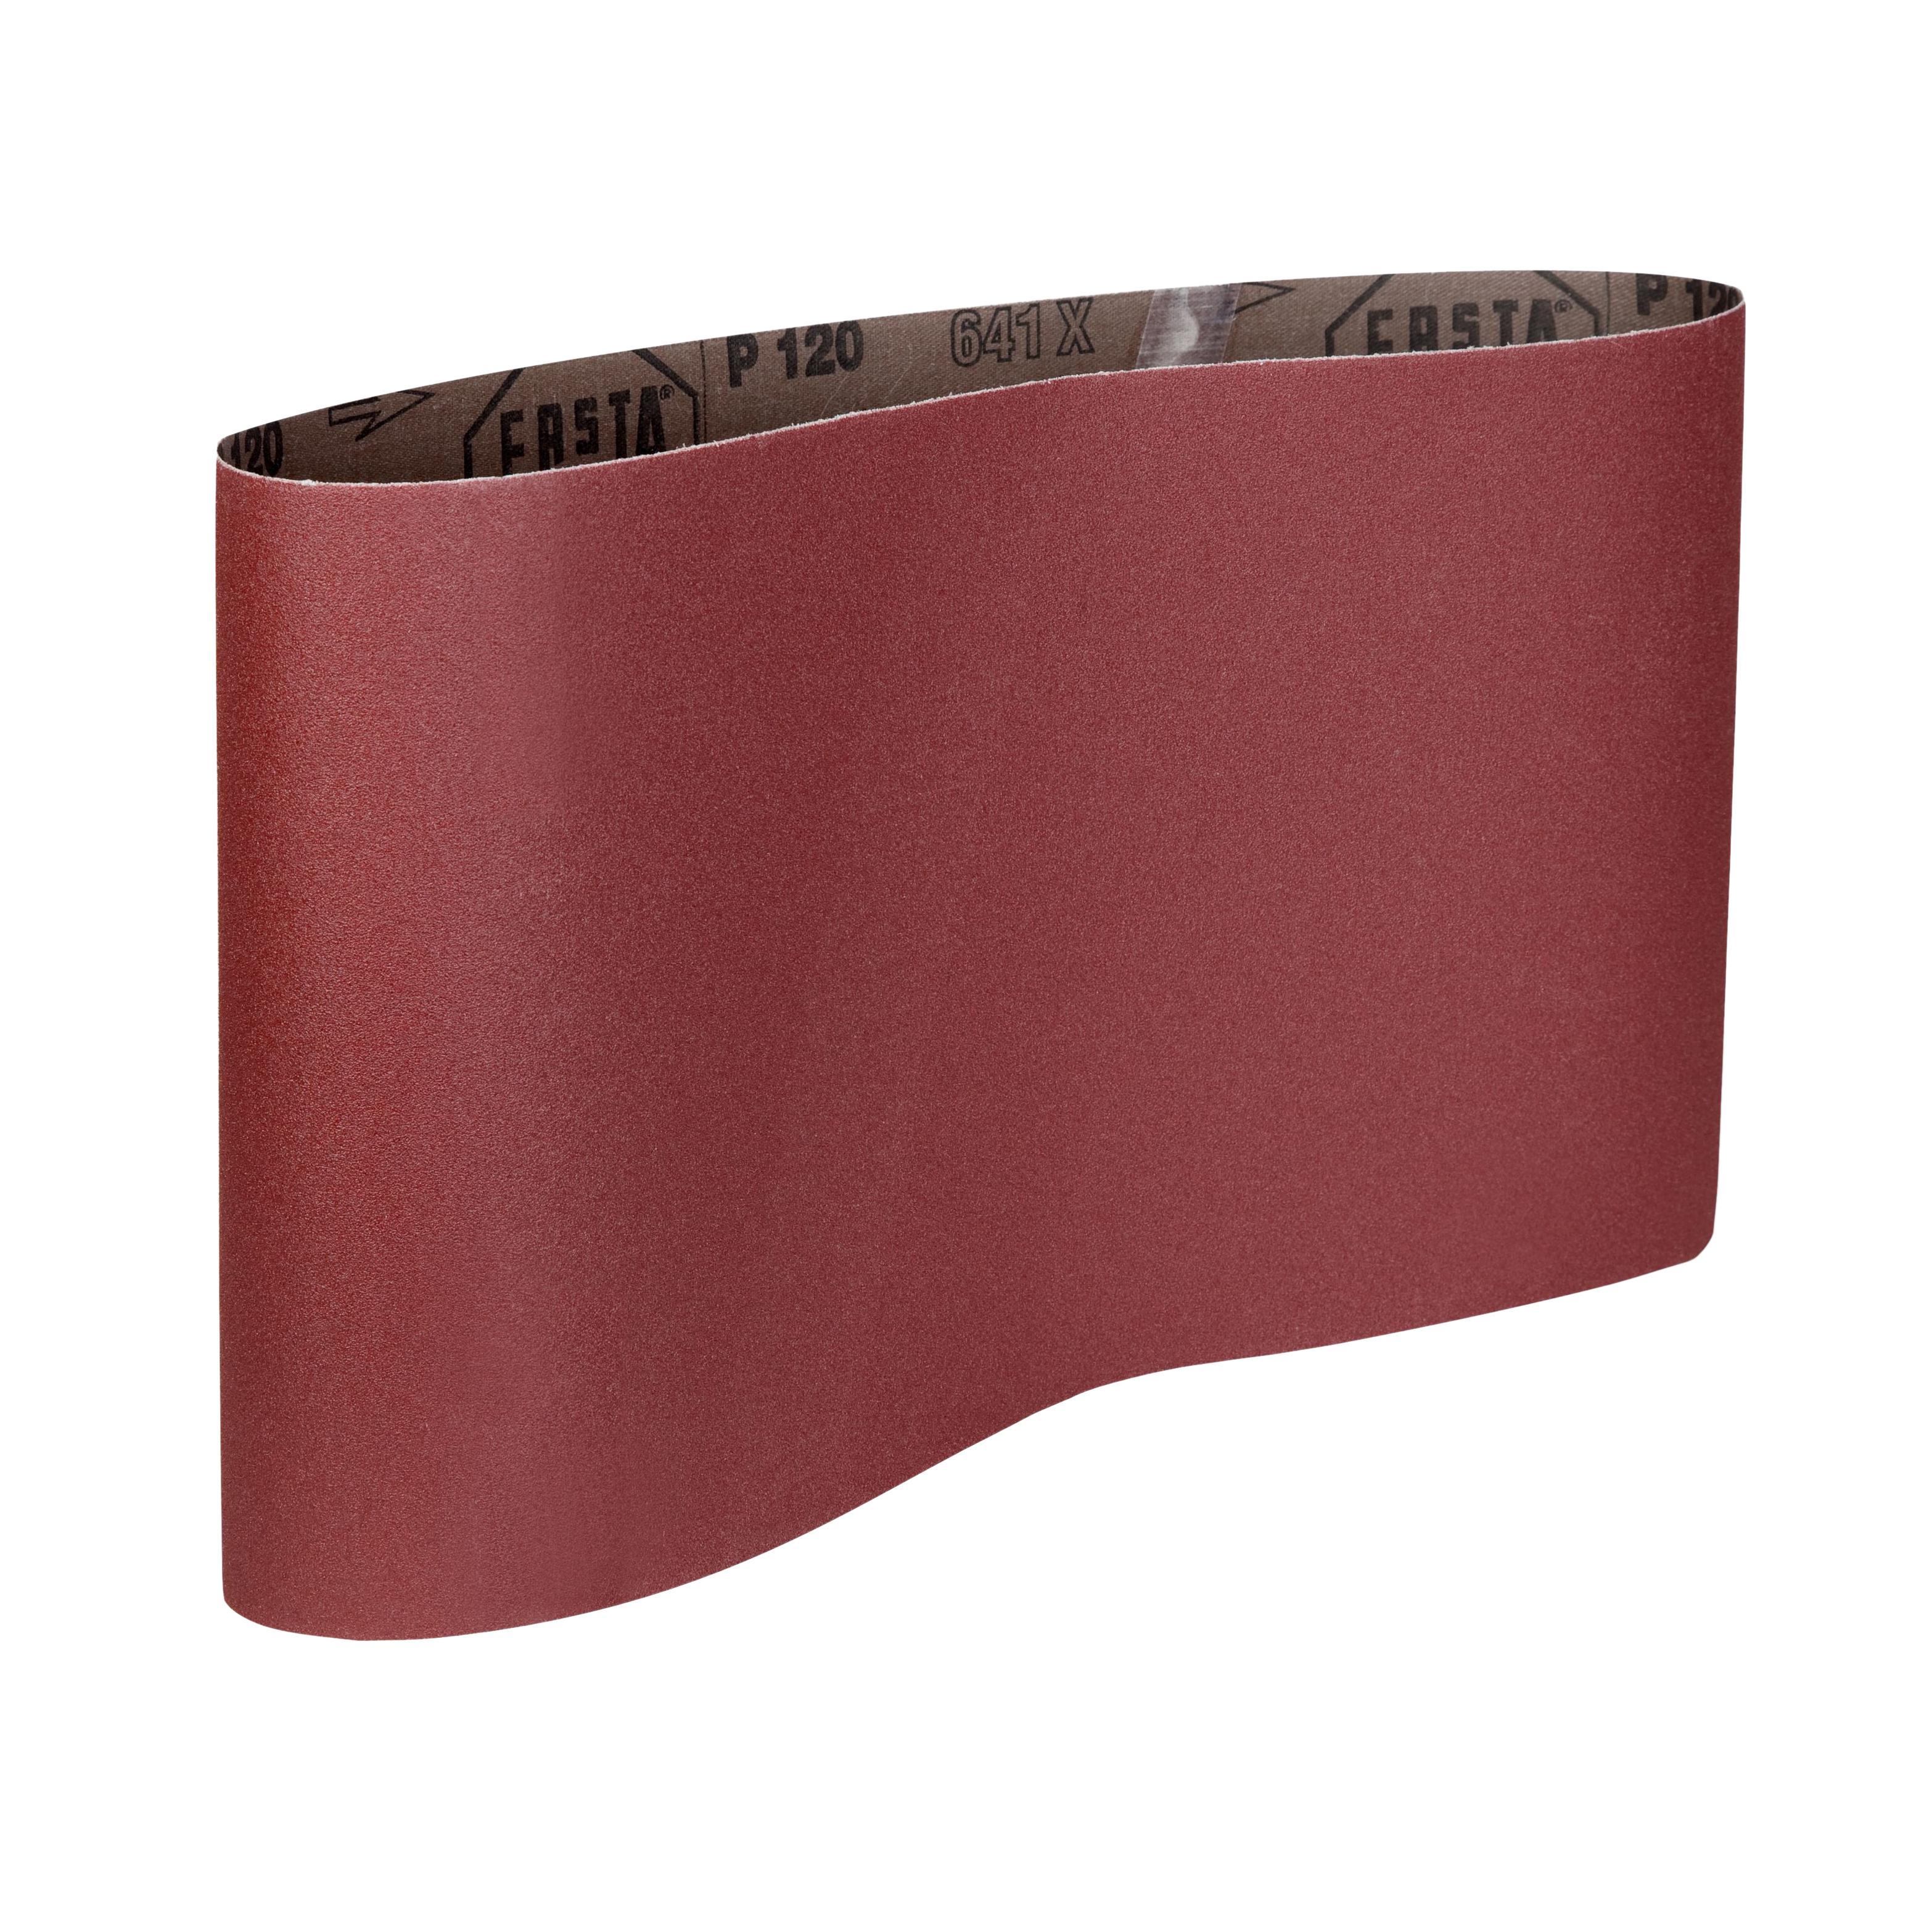 K 60 PARAT Belts Schleifband 200x551mm